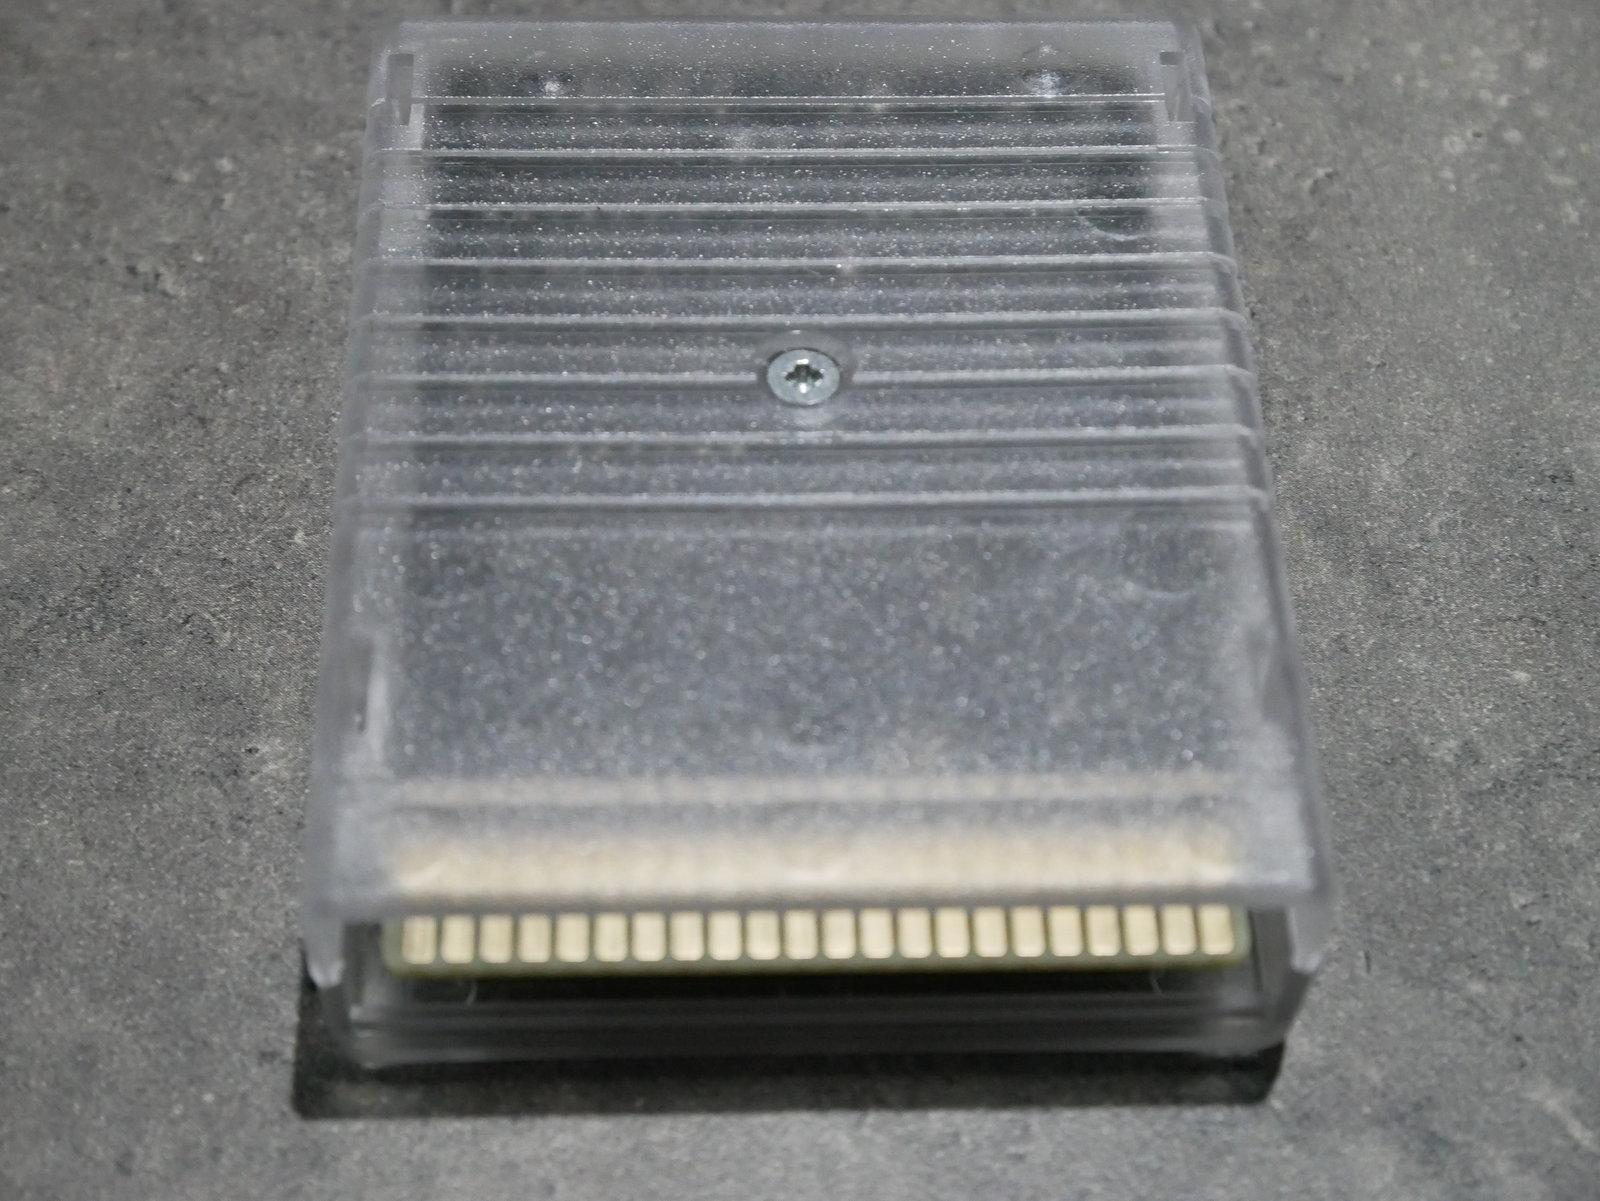 [VDS] C64/128 : divers accessoires (livre, logiciel, cartouches) 200512055452449279